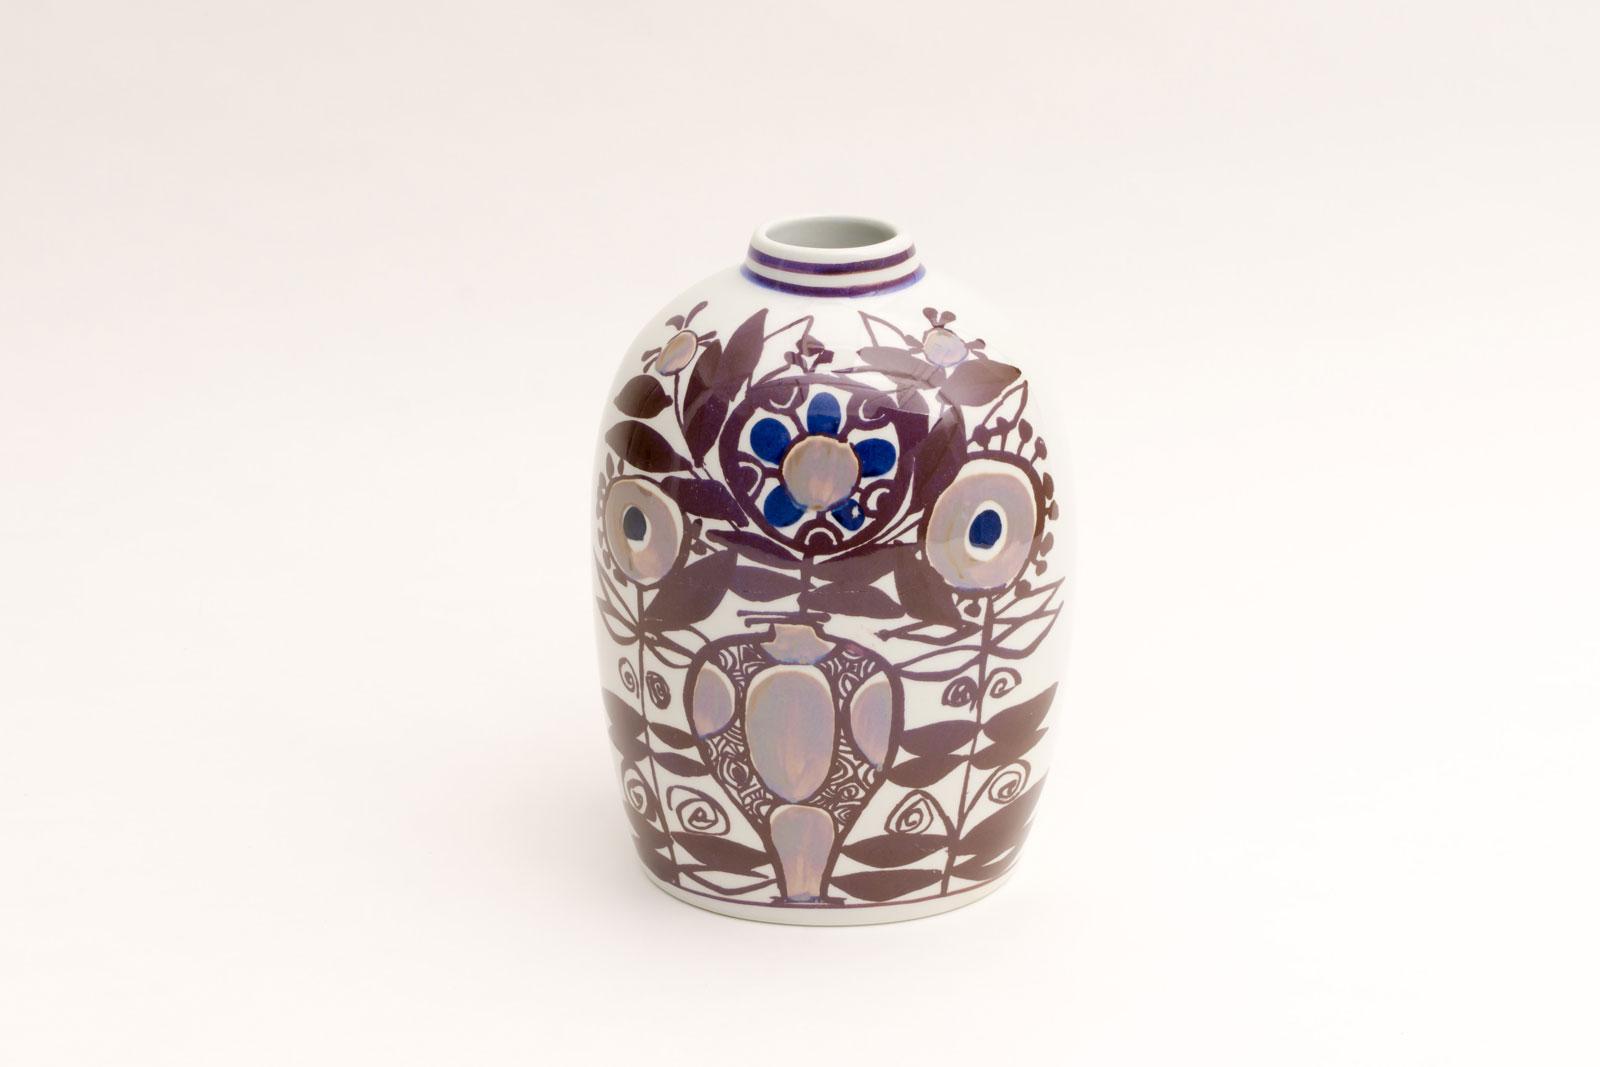 Vase designed by Kari Christense